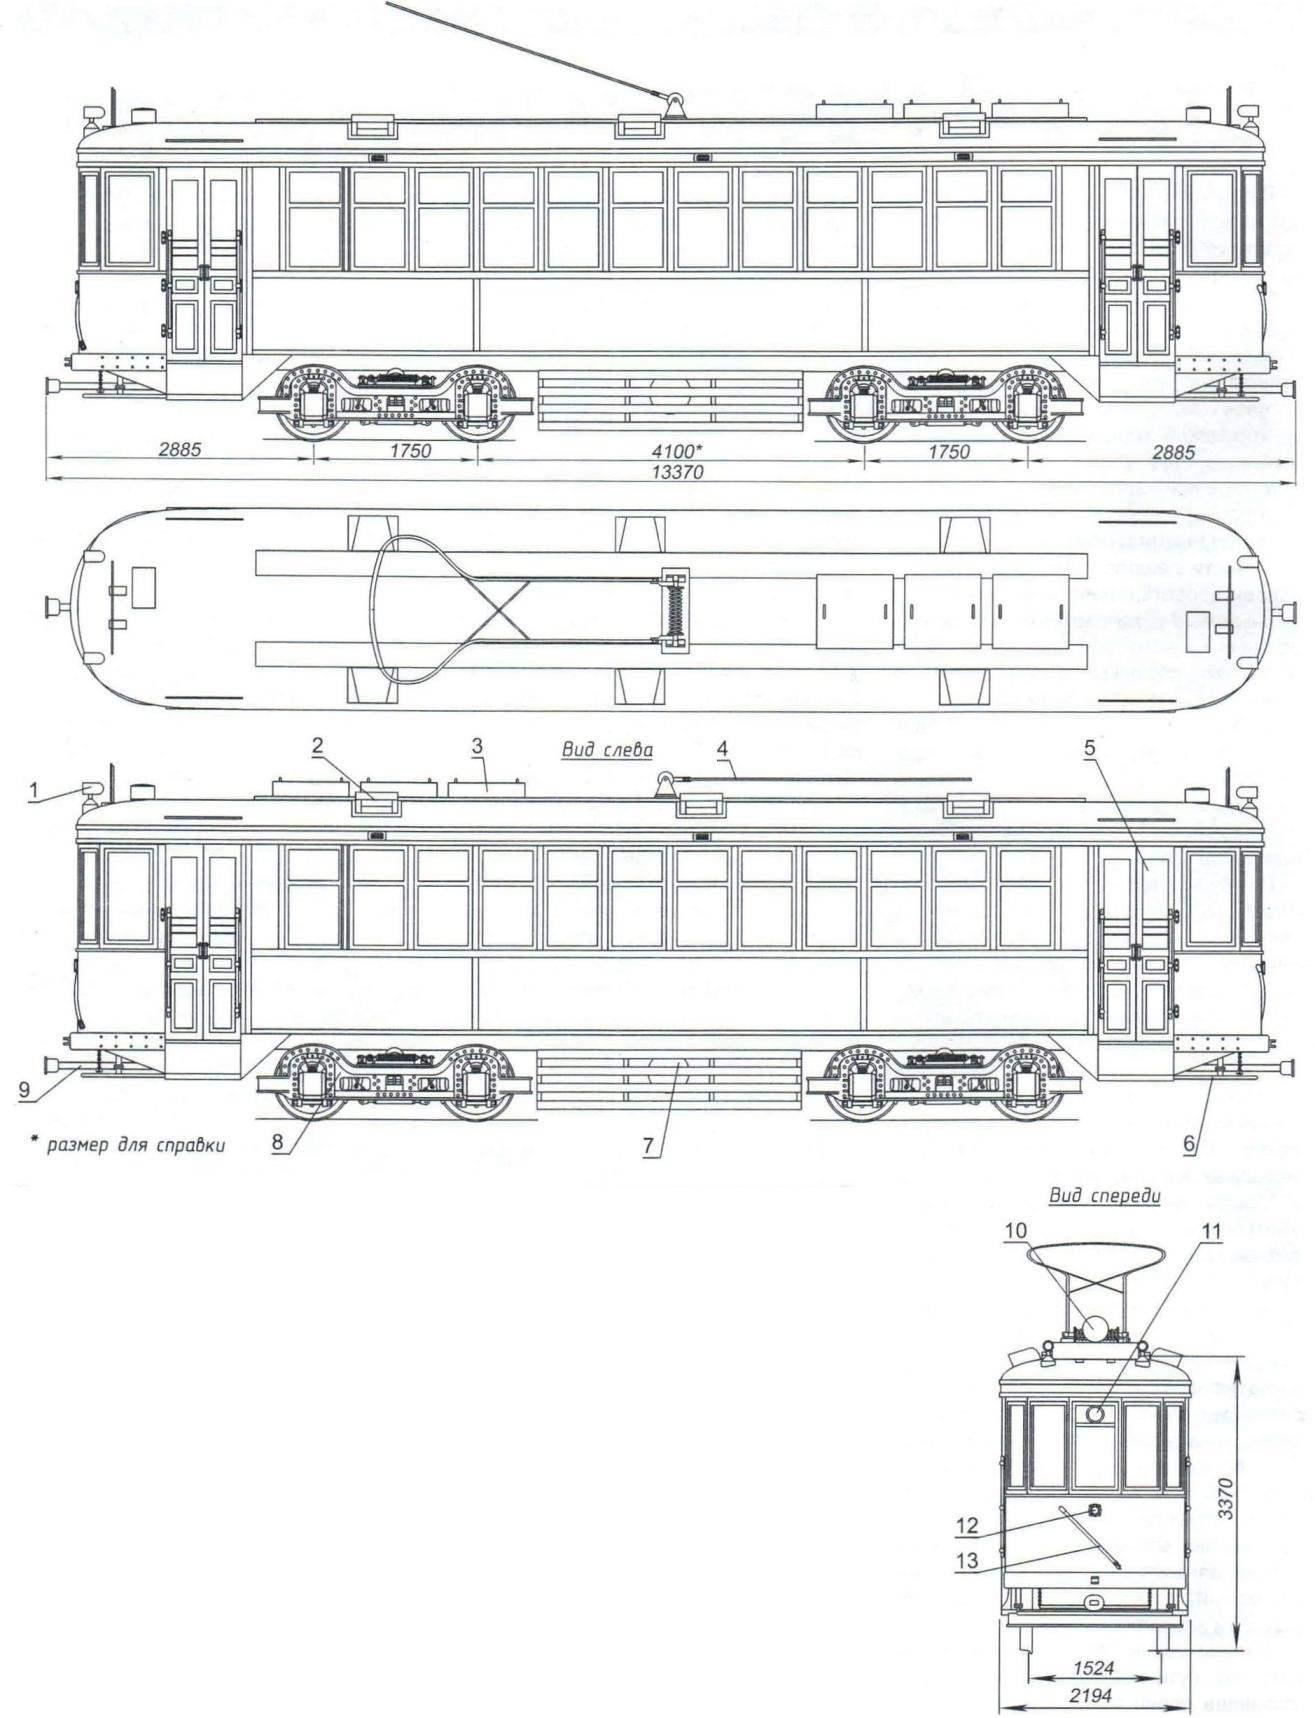 Общий вид и основные размеры моторного трамвайного вагона типа КМ